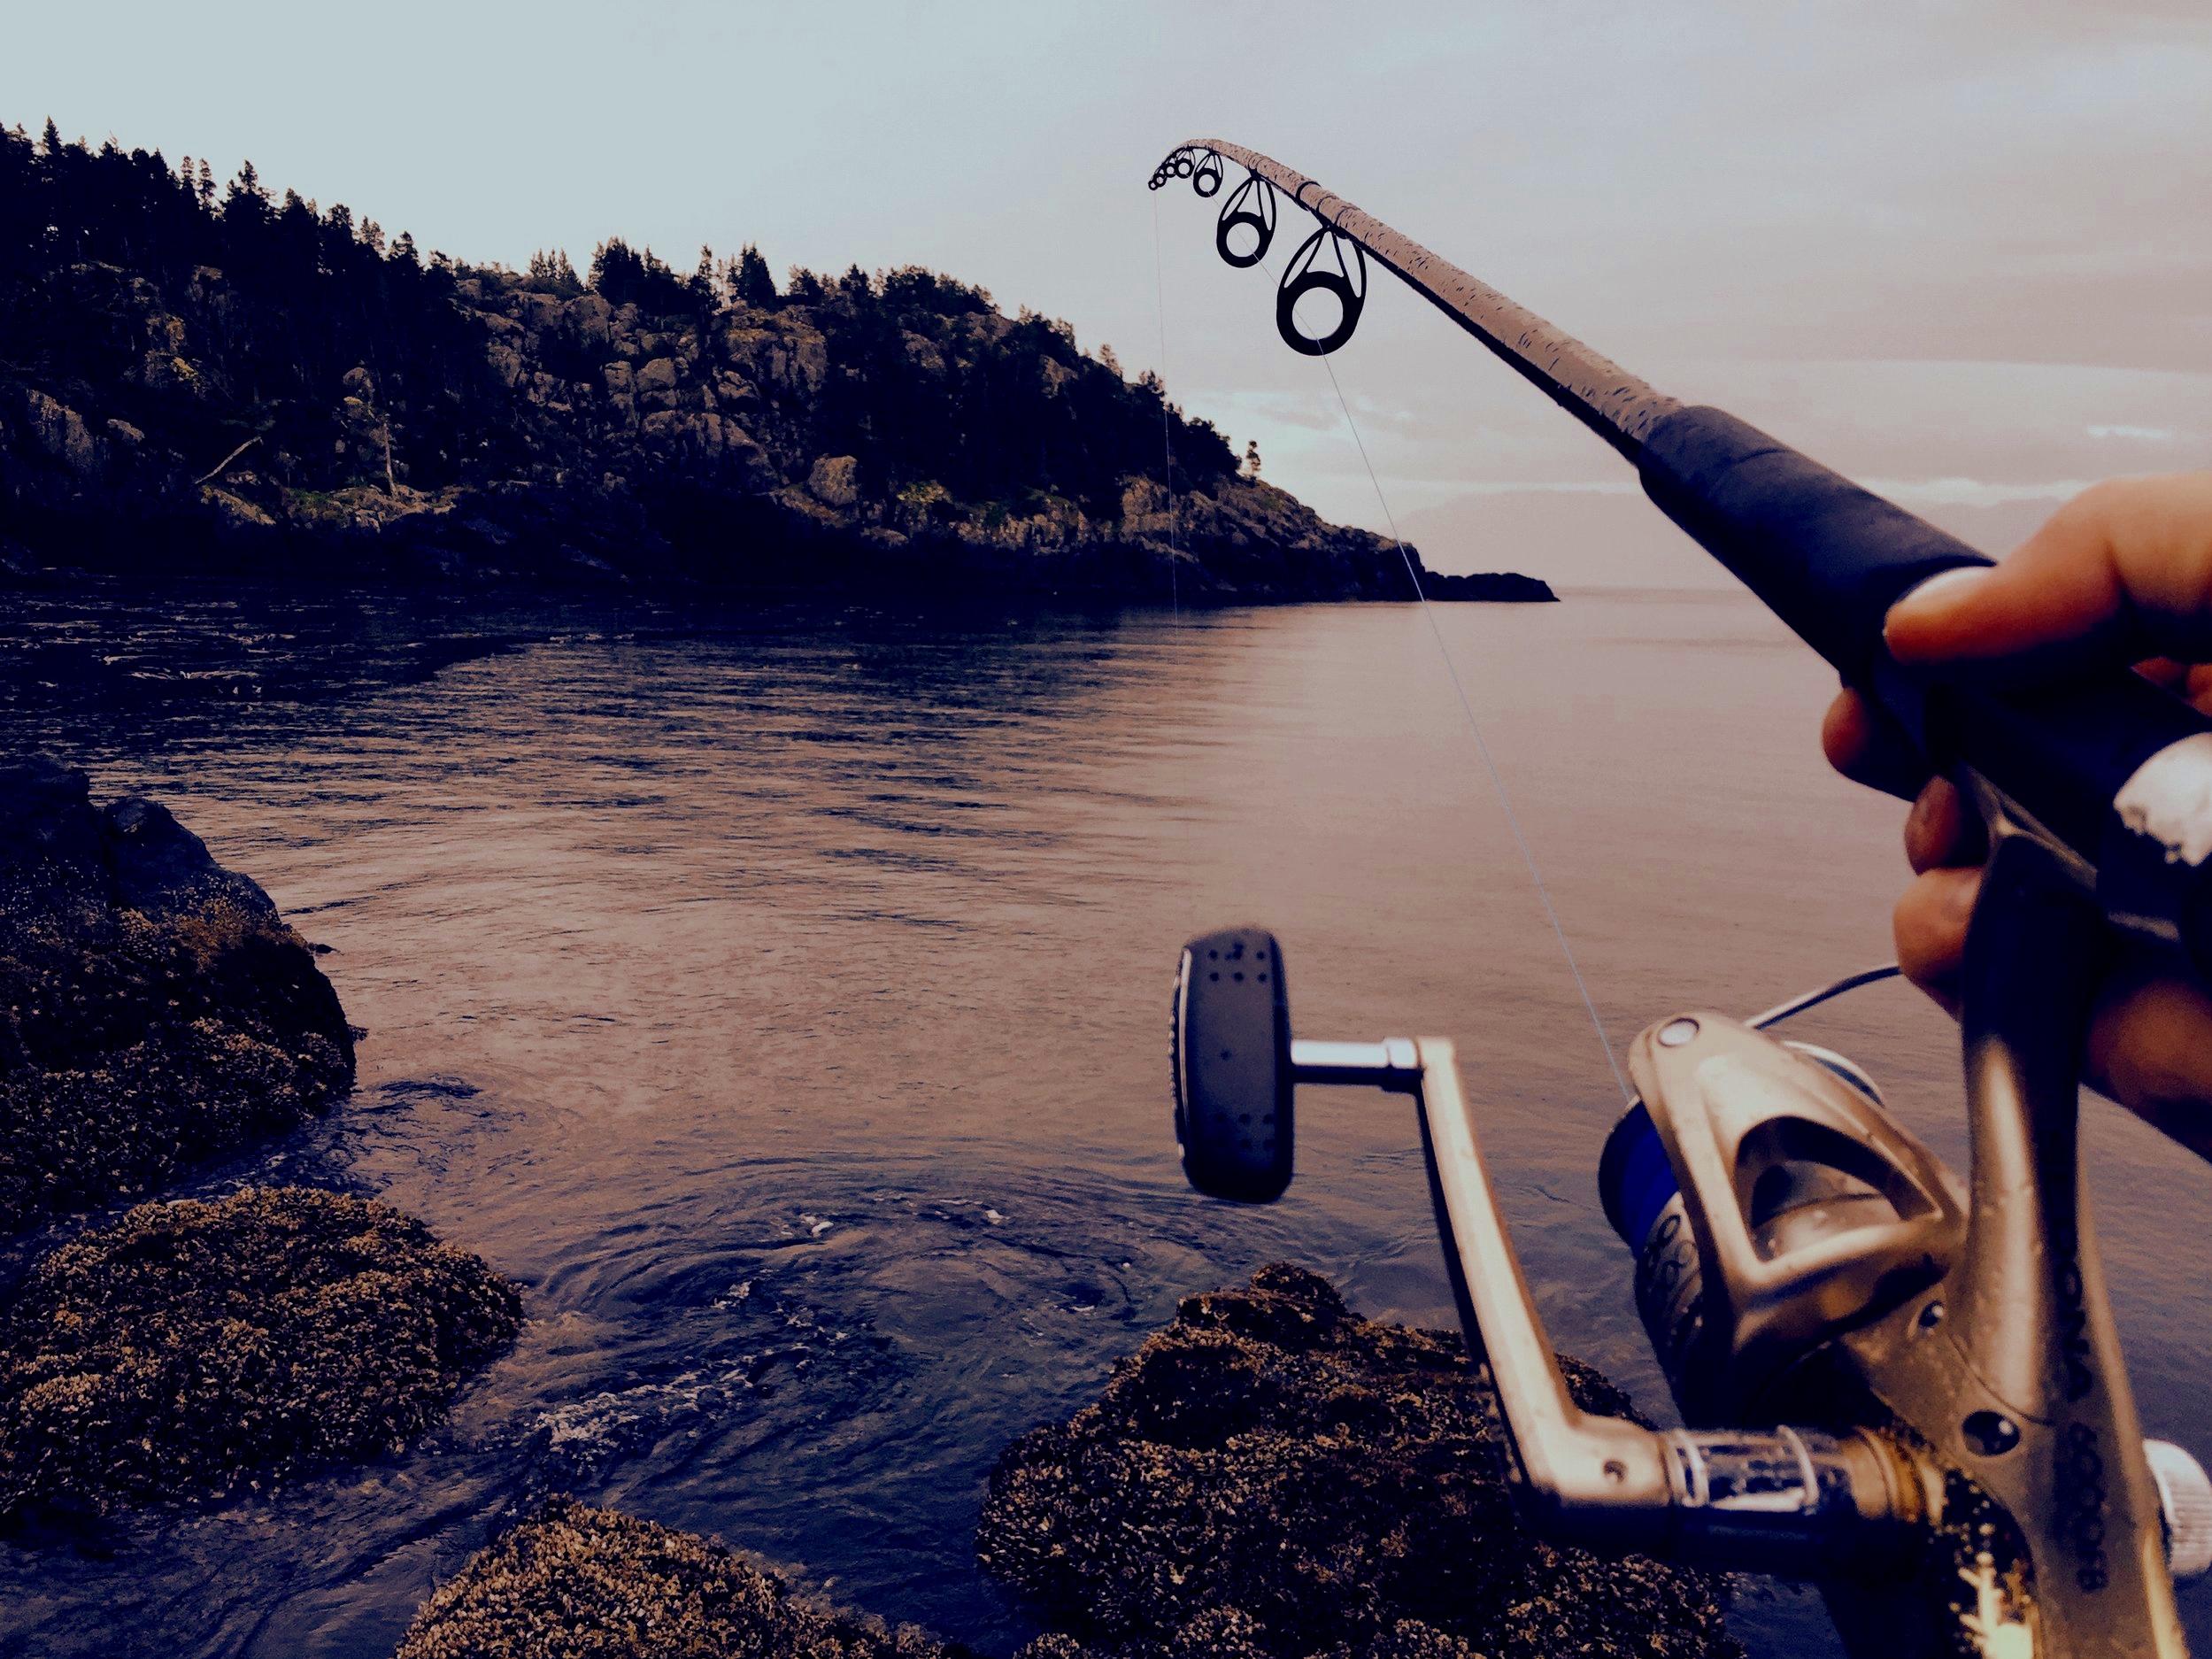 STICKY HOOKS - SPECIALIZED FISHING HOOKS